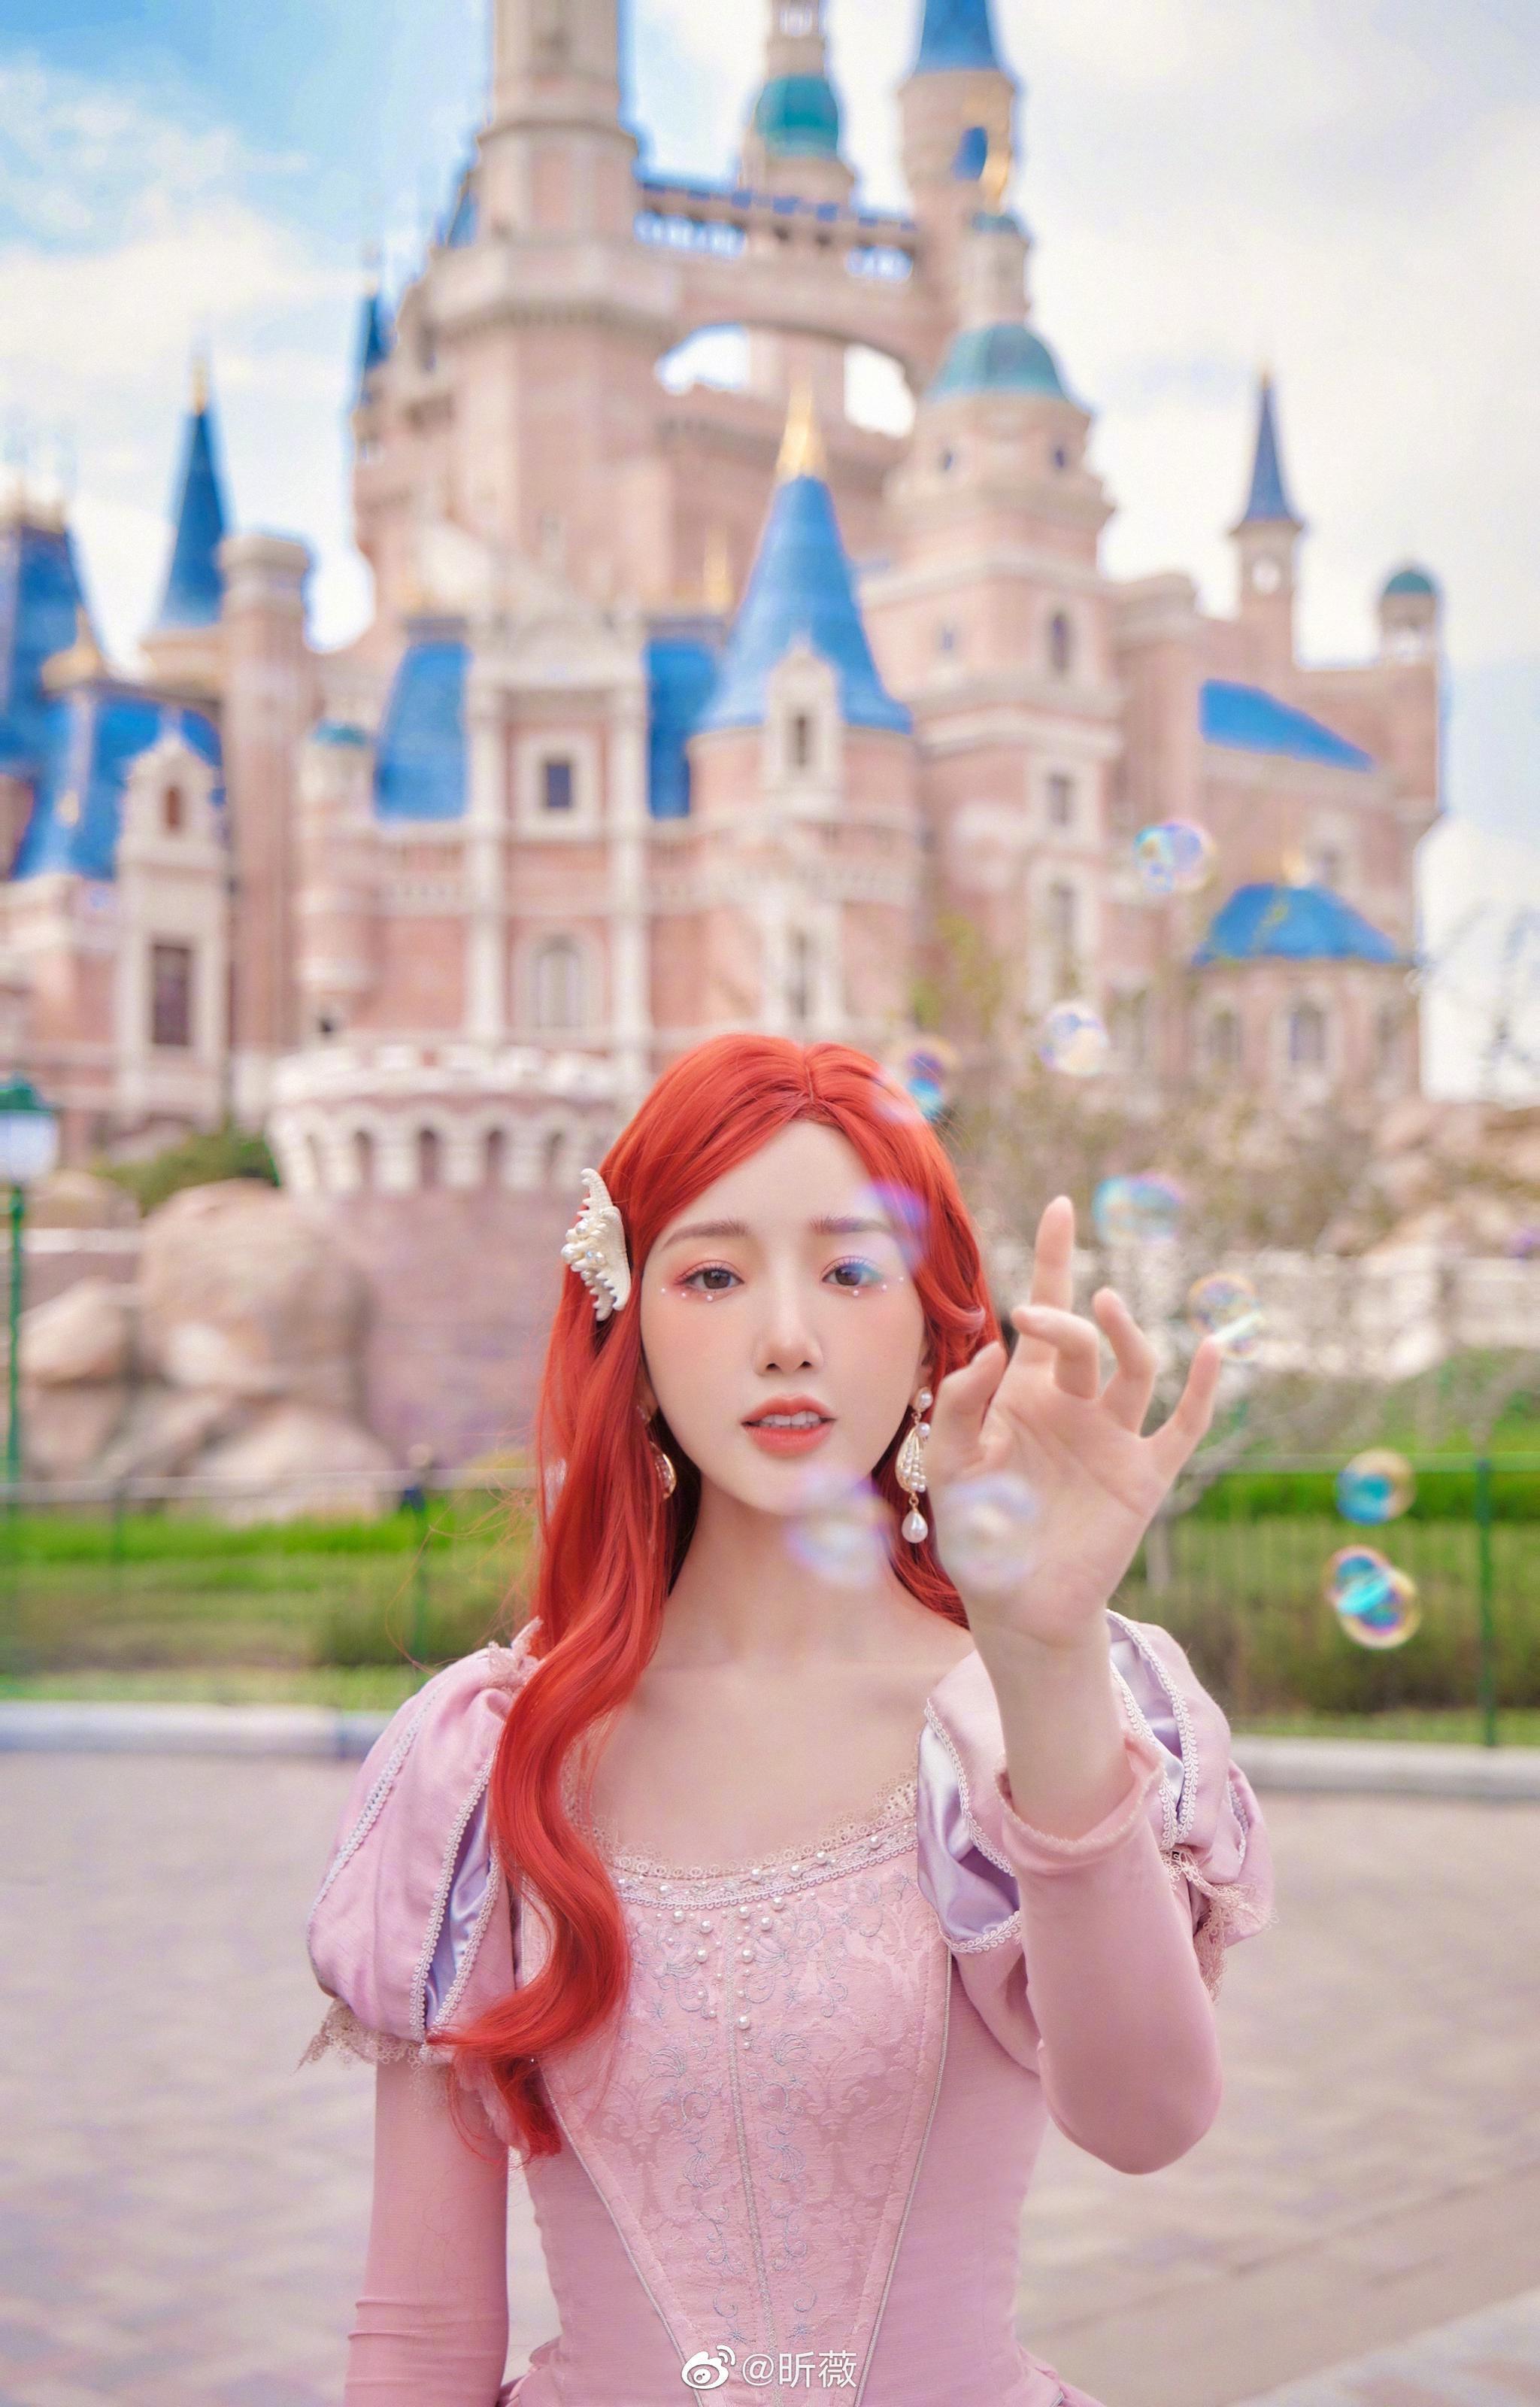 释出一组小美人鱼写真,红发粉裙,整体色调梦幻唯美……